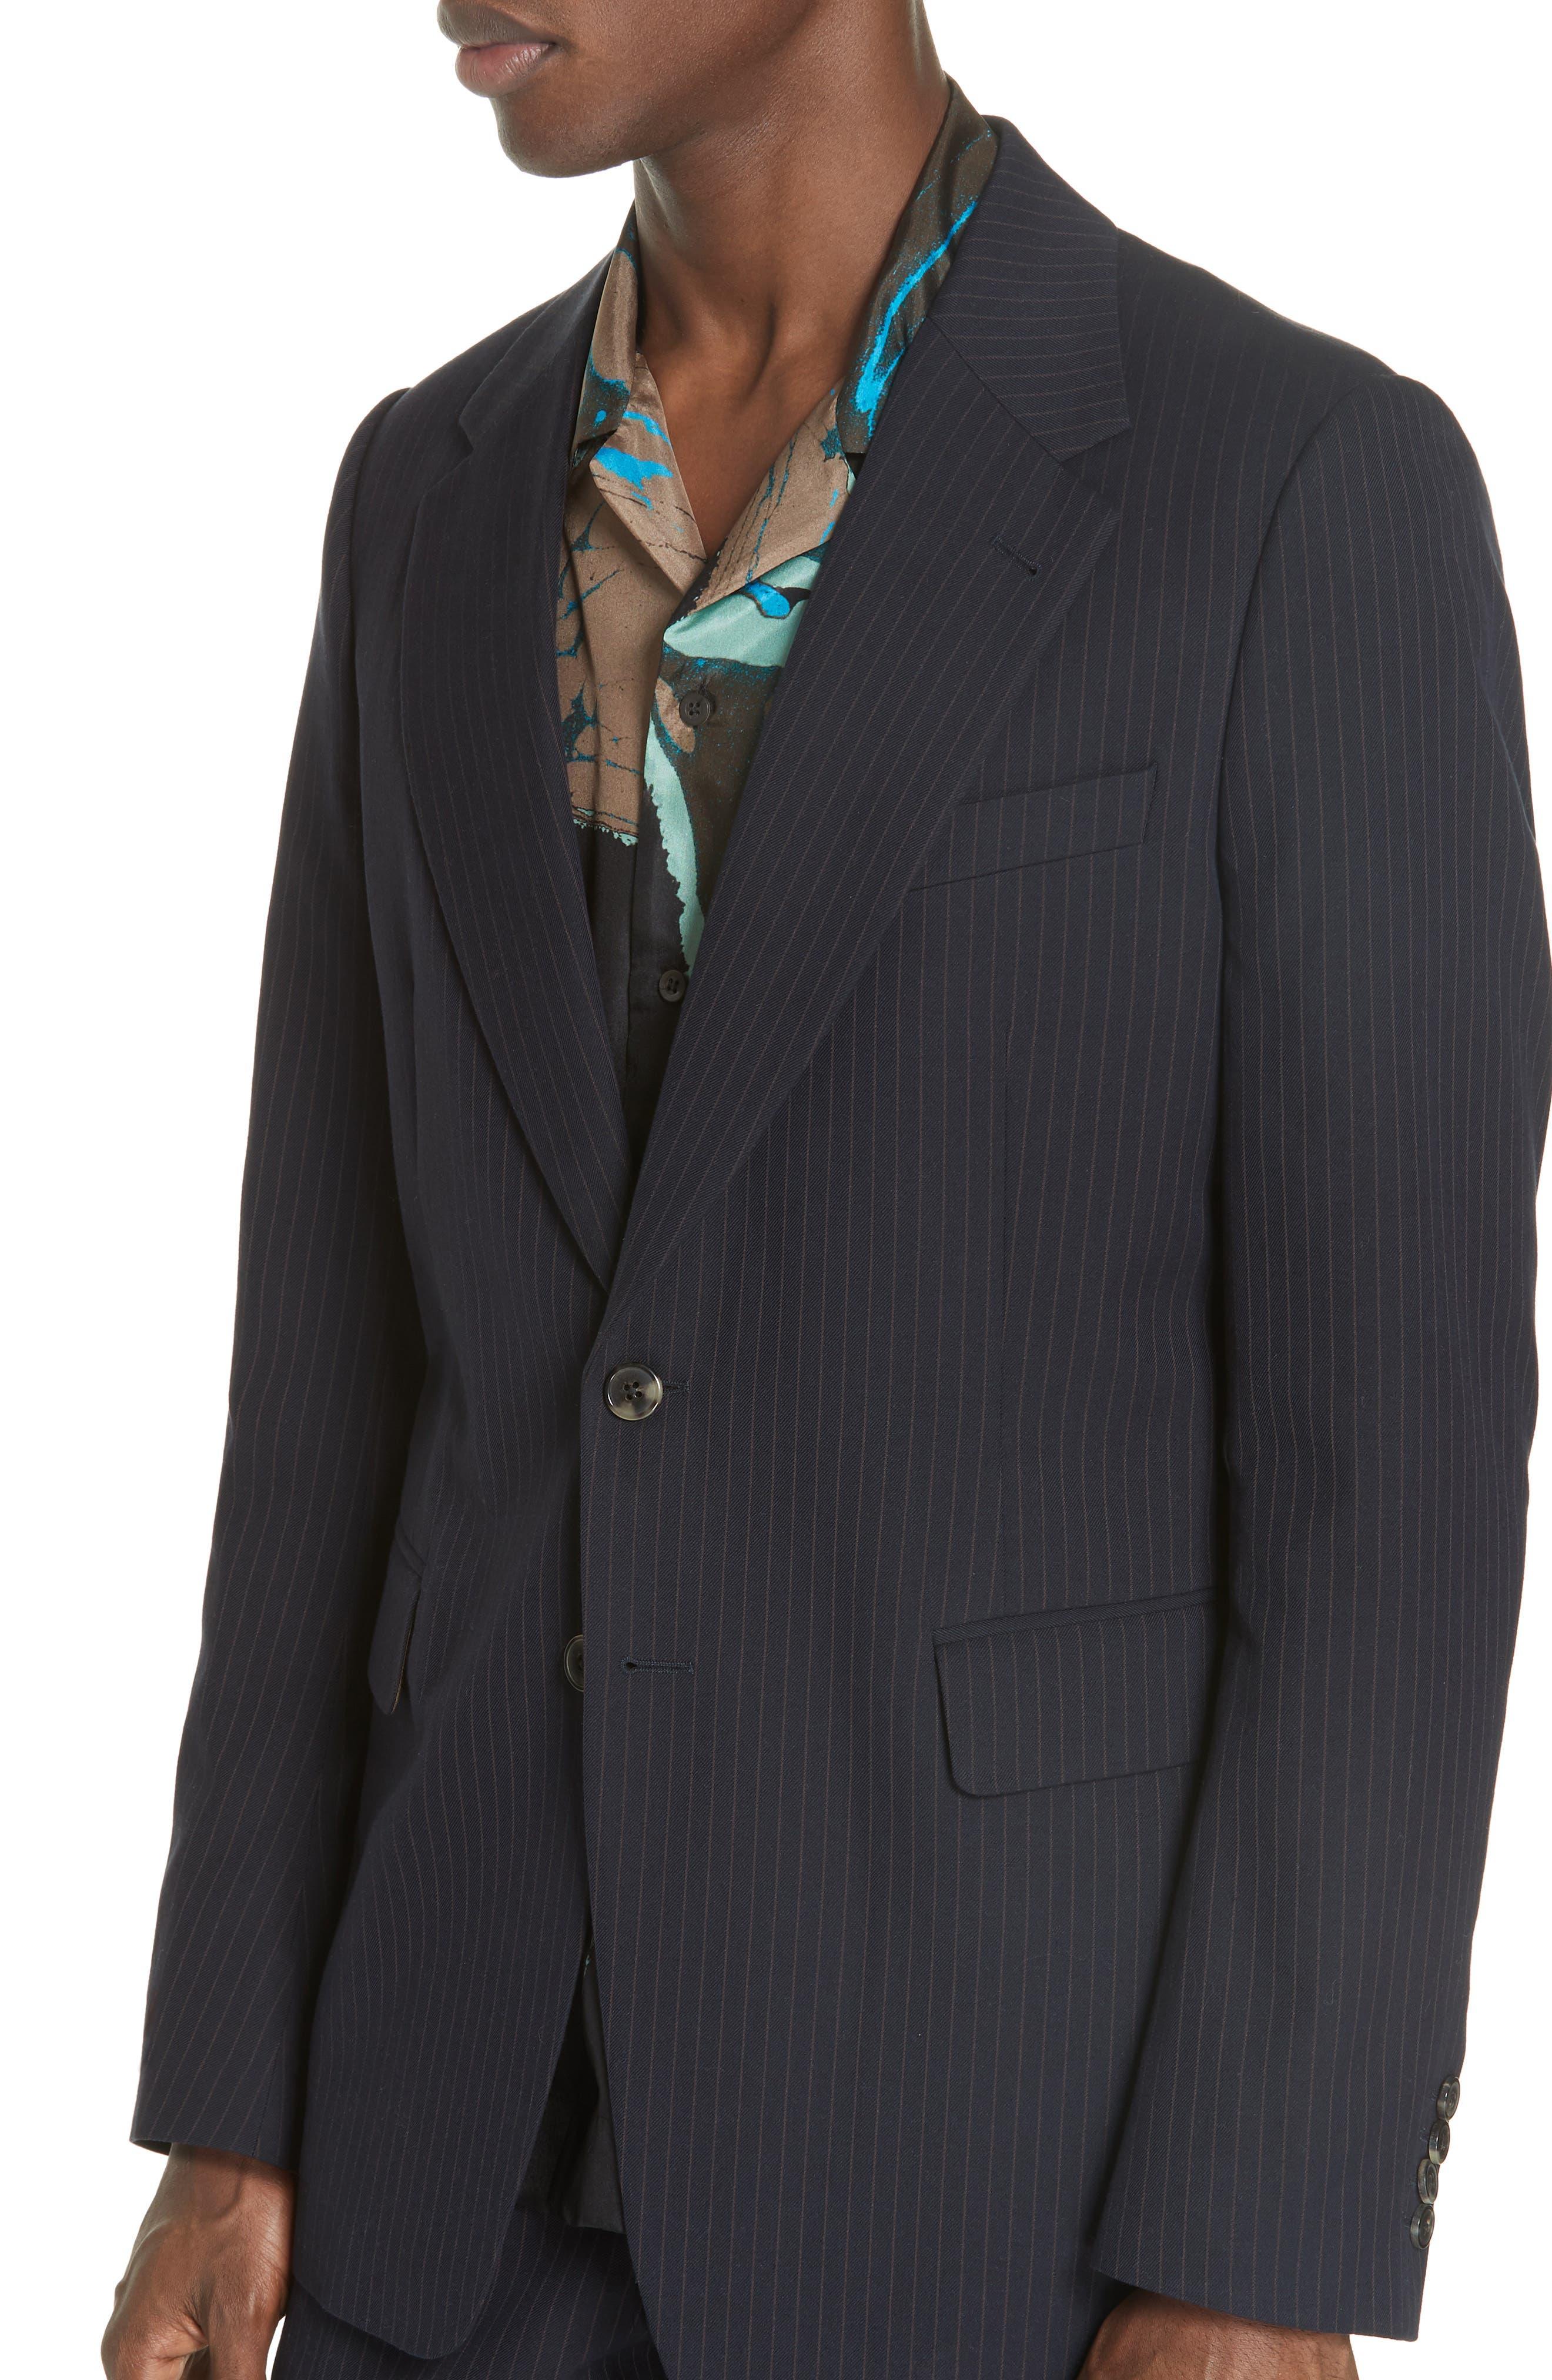 Burnes Pinstripe Jacket,                             Main thumbnail 1, color,                             NAVY 509